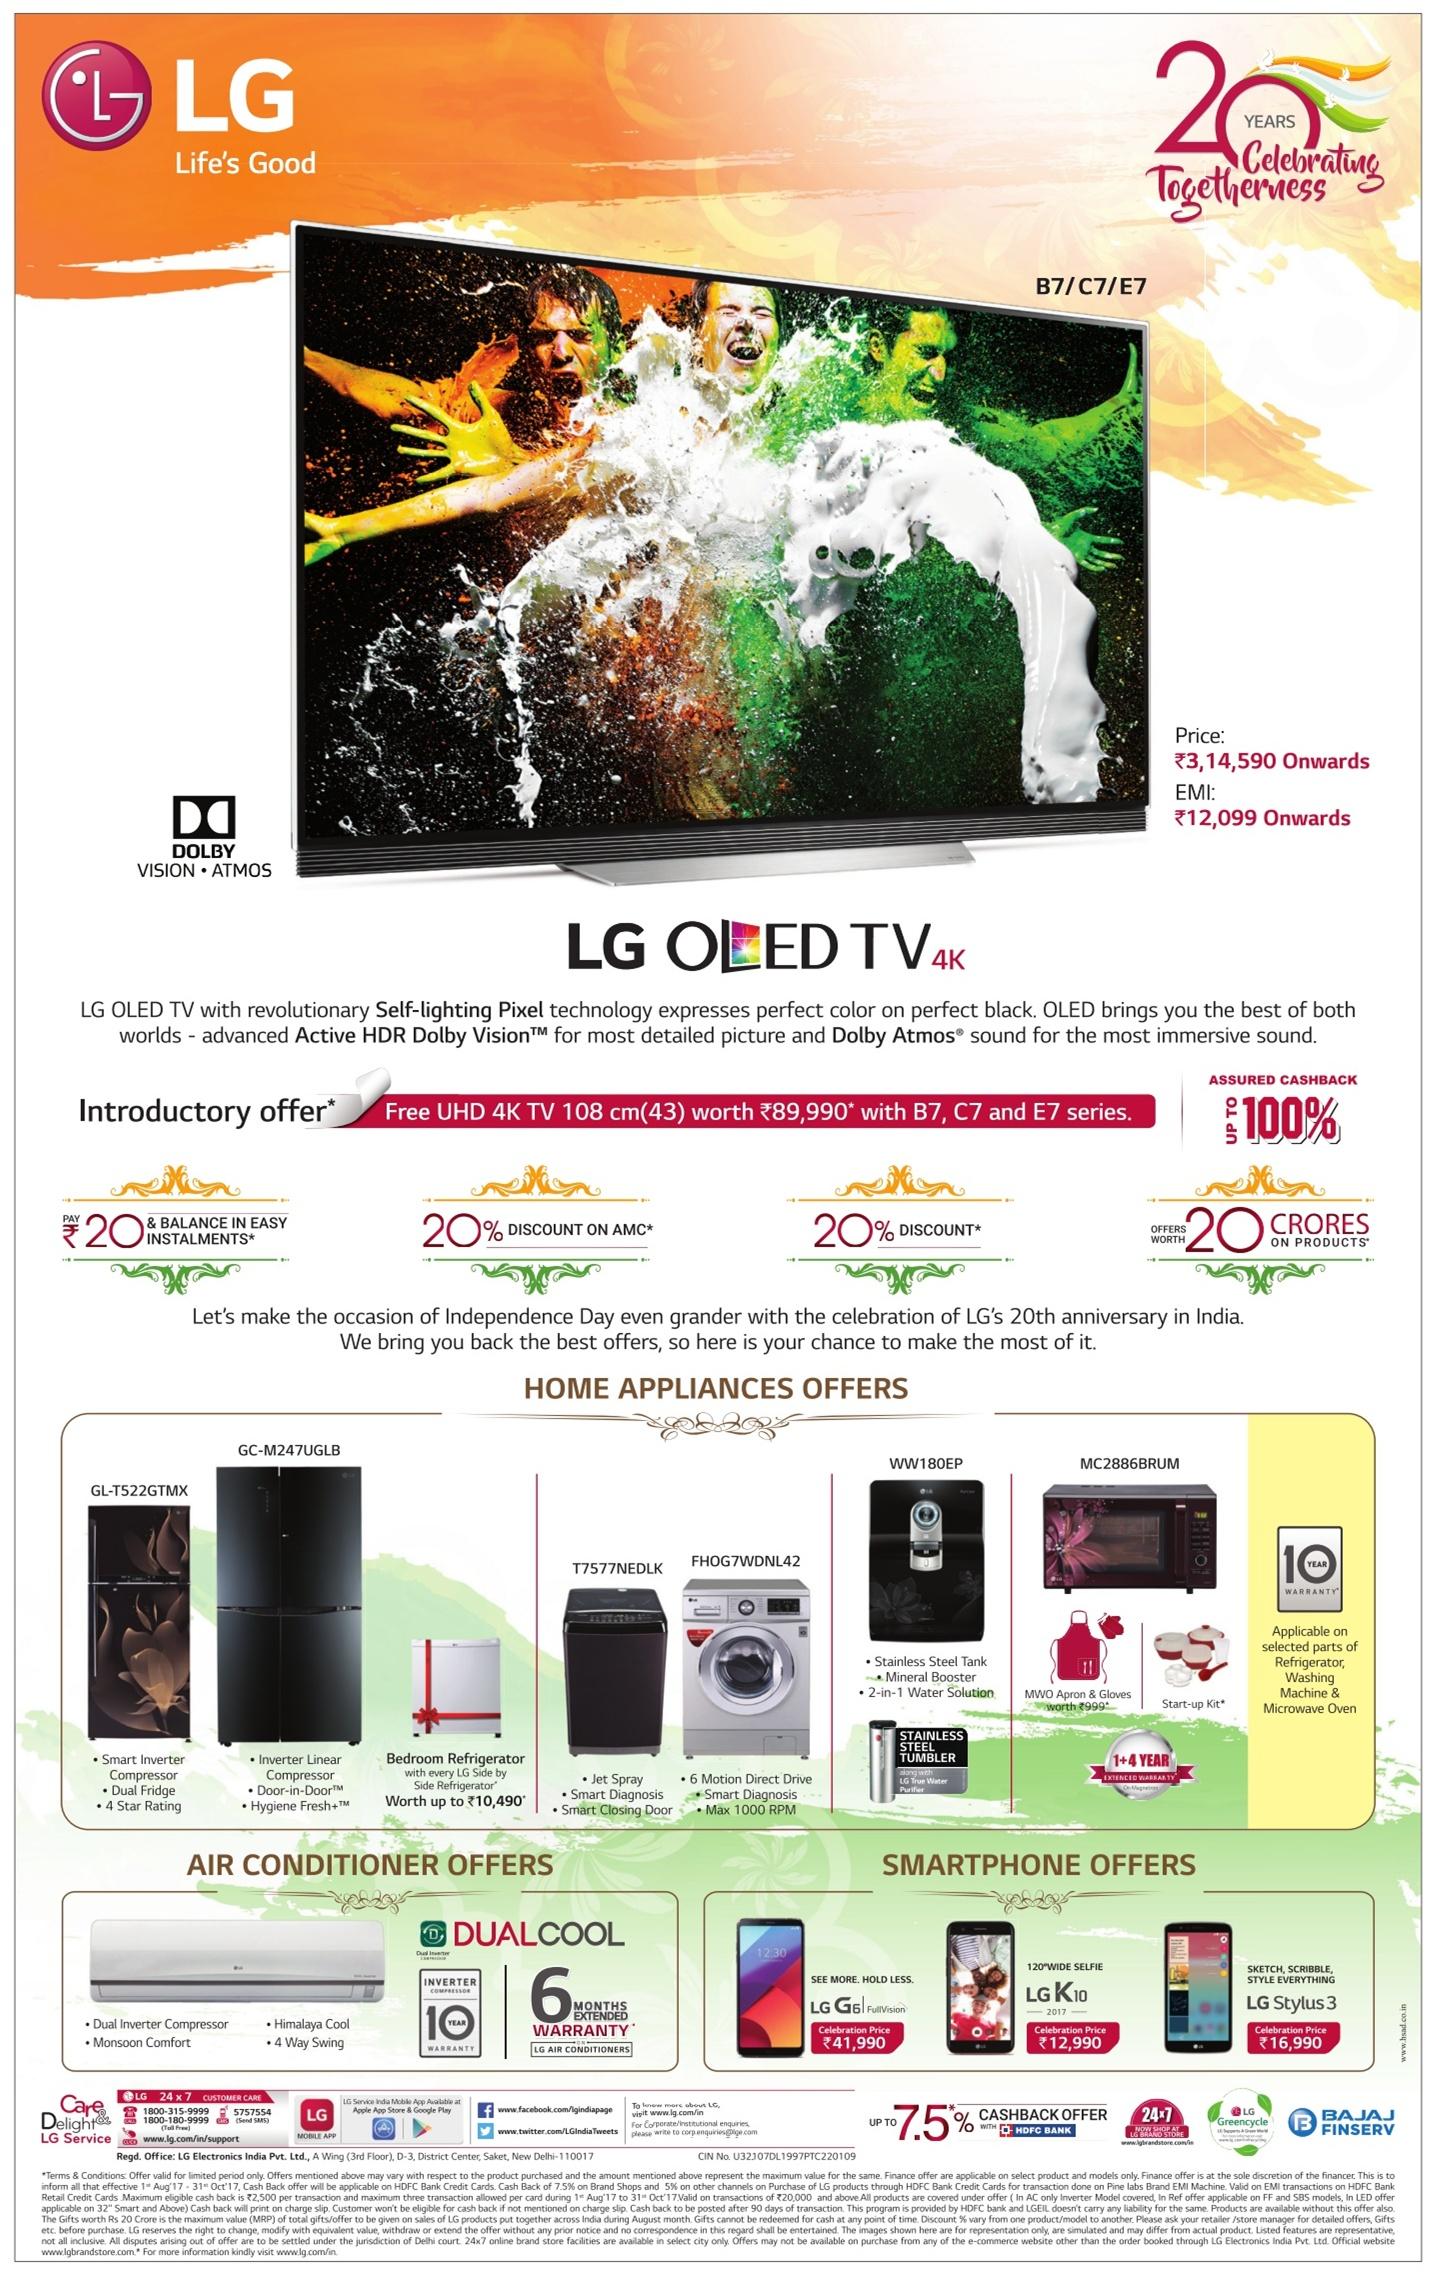 lg-20-years-celebrating-togetherness-ad-times-of-india-mumbai-11-08-2019.jpg